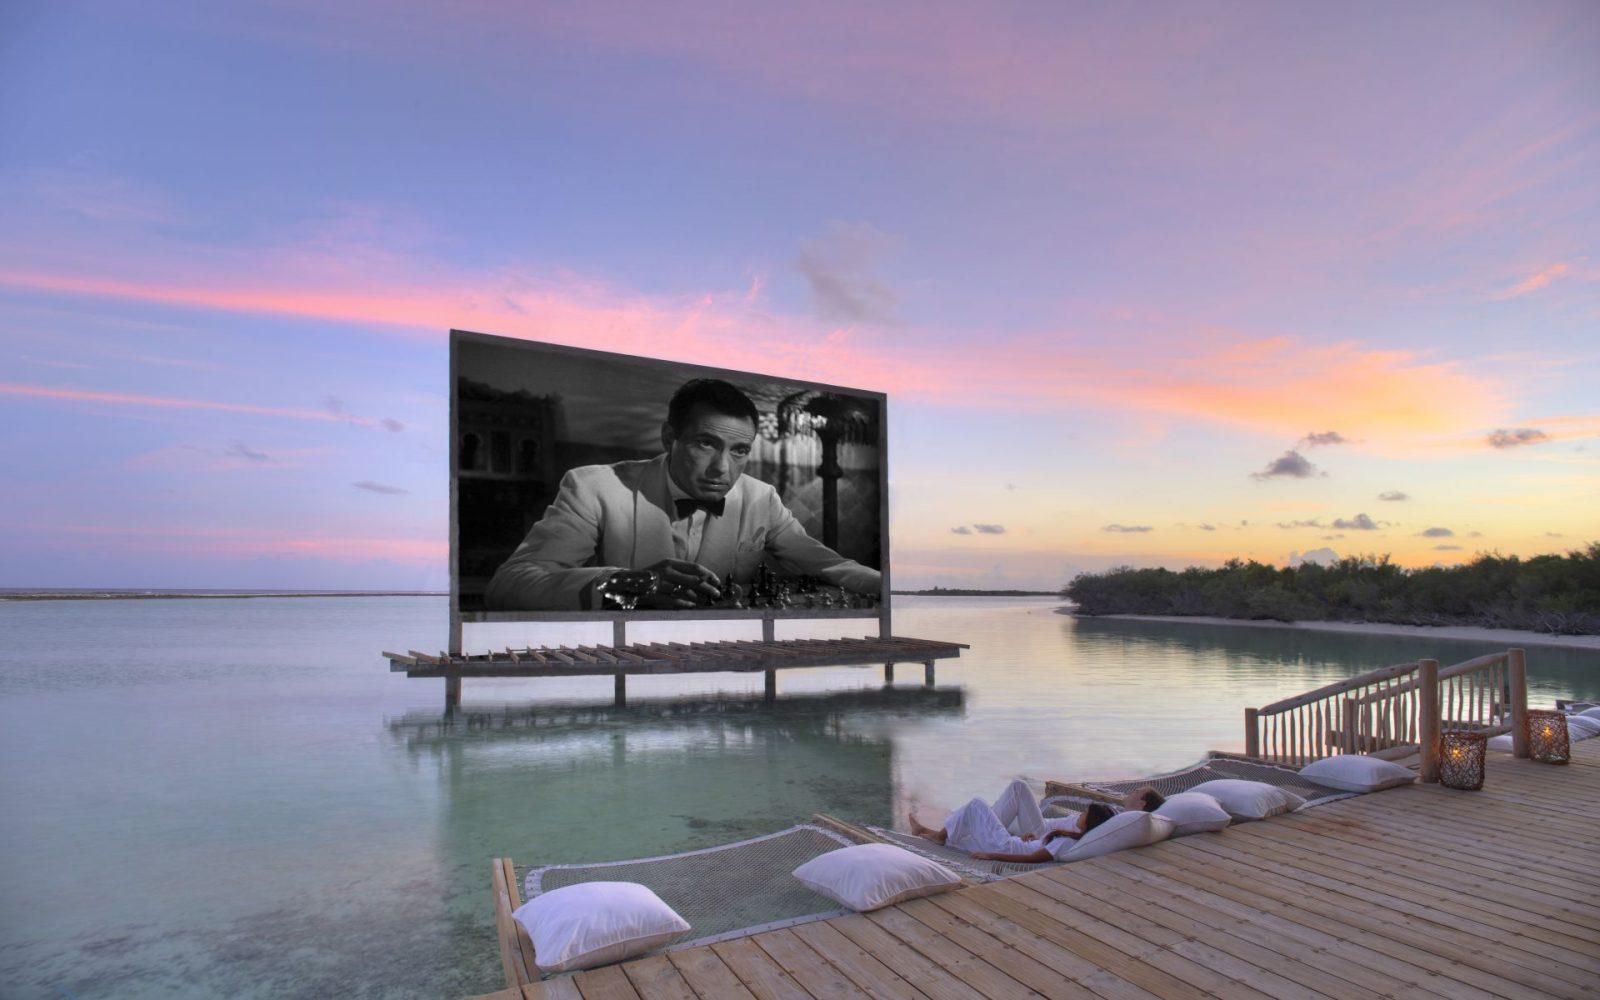 Rajski kino pod zvezdami